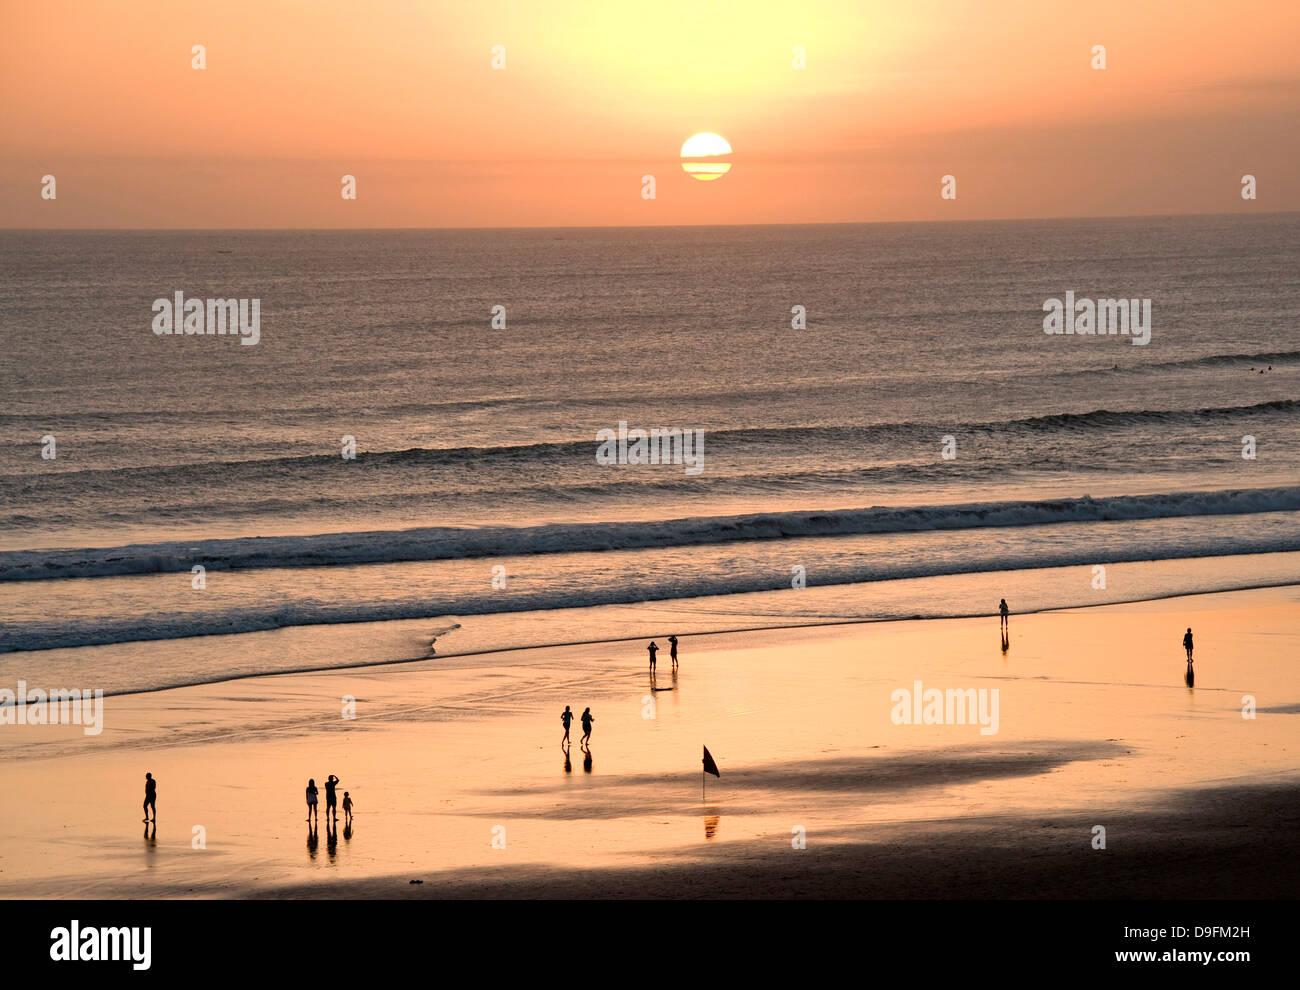 La spiaggia di Kuta Beach, Bali, Indonesia, sud-est asiatico Foto Stock